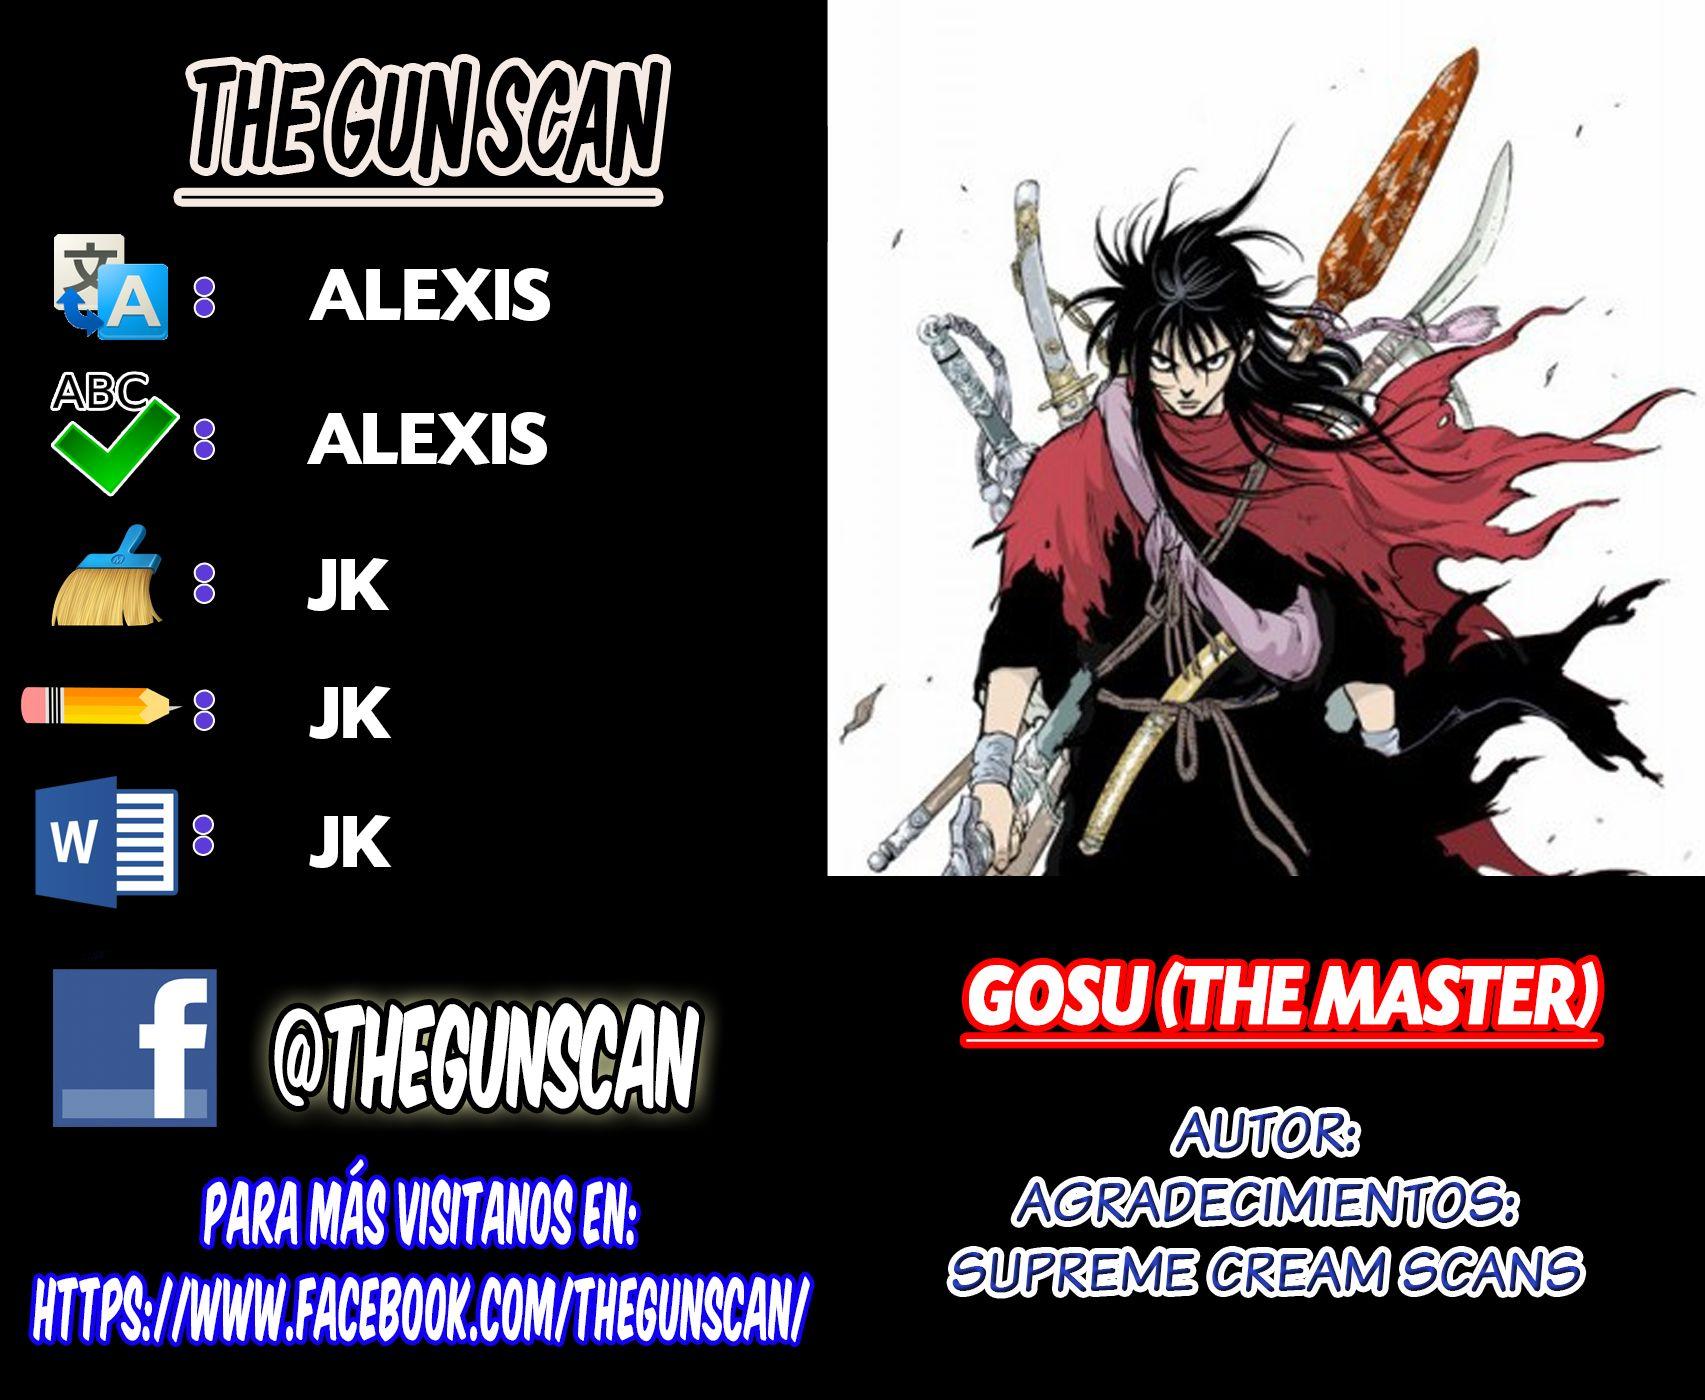 https://c5.ninemanga.com/es_manga/pic2/9/18249/502521/7859ac02b47dae490ba85f0daeda6bbe.jpg Page 1